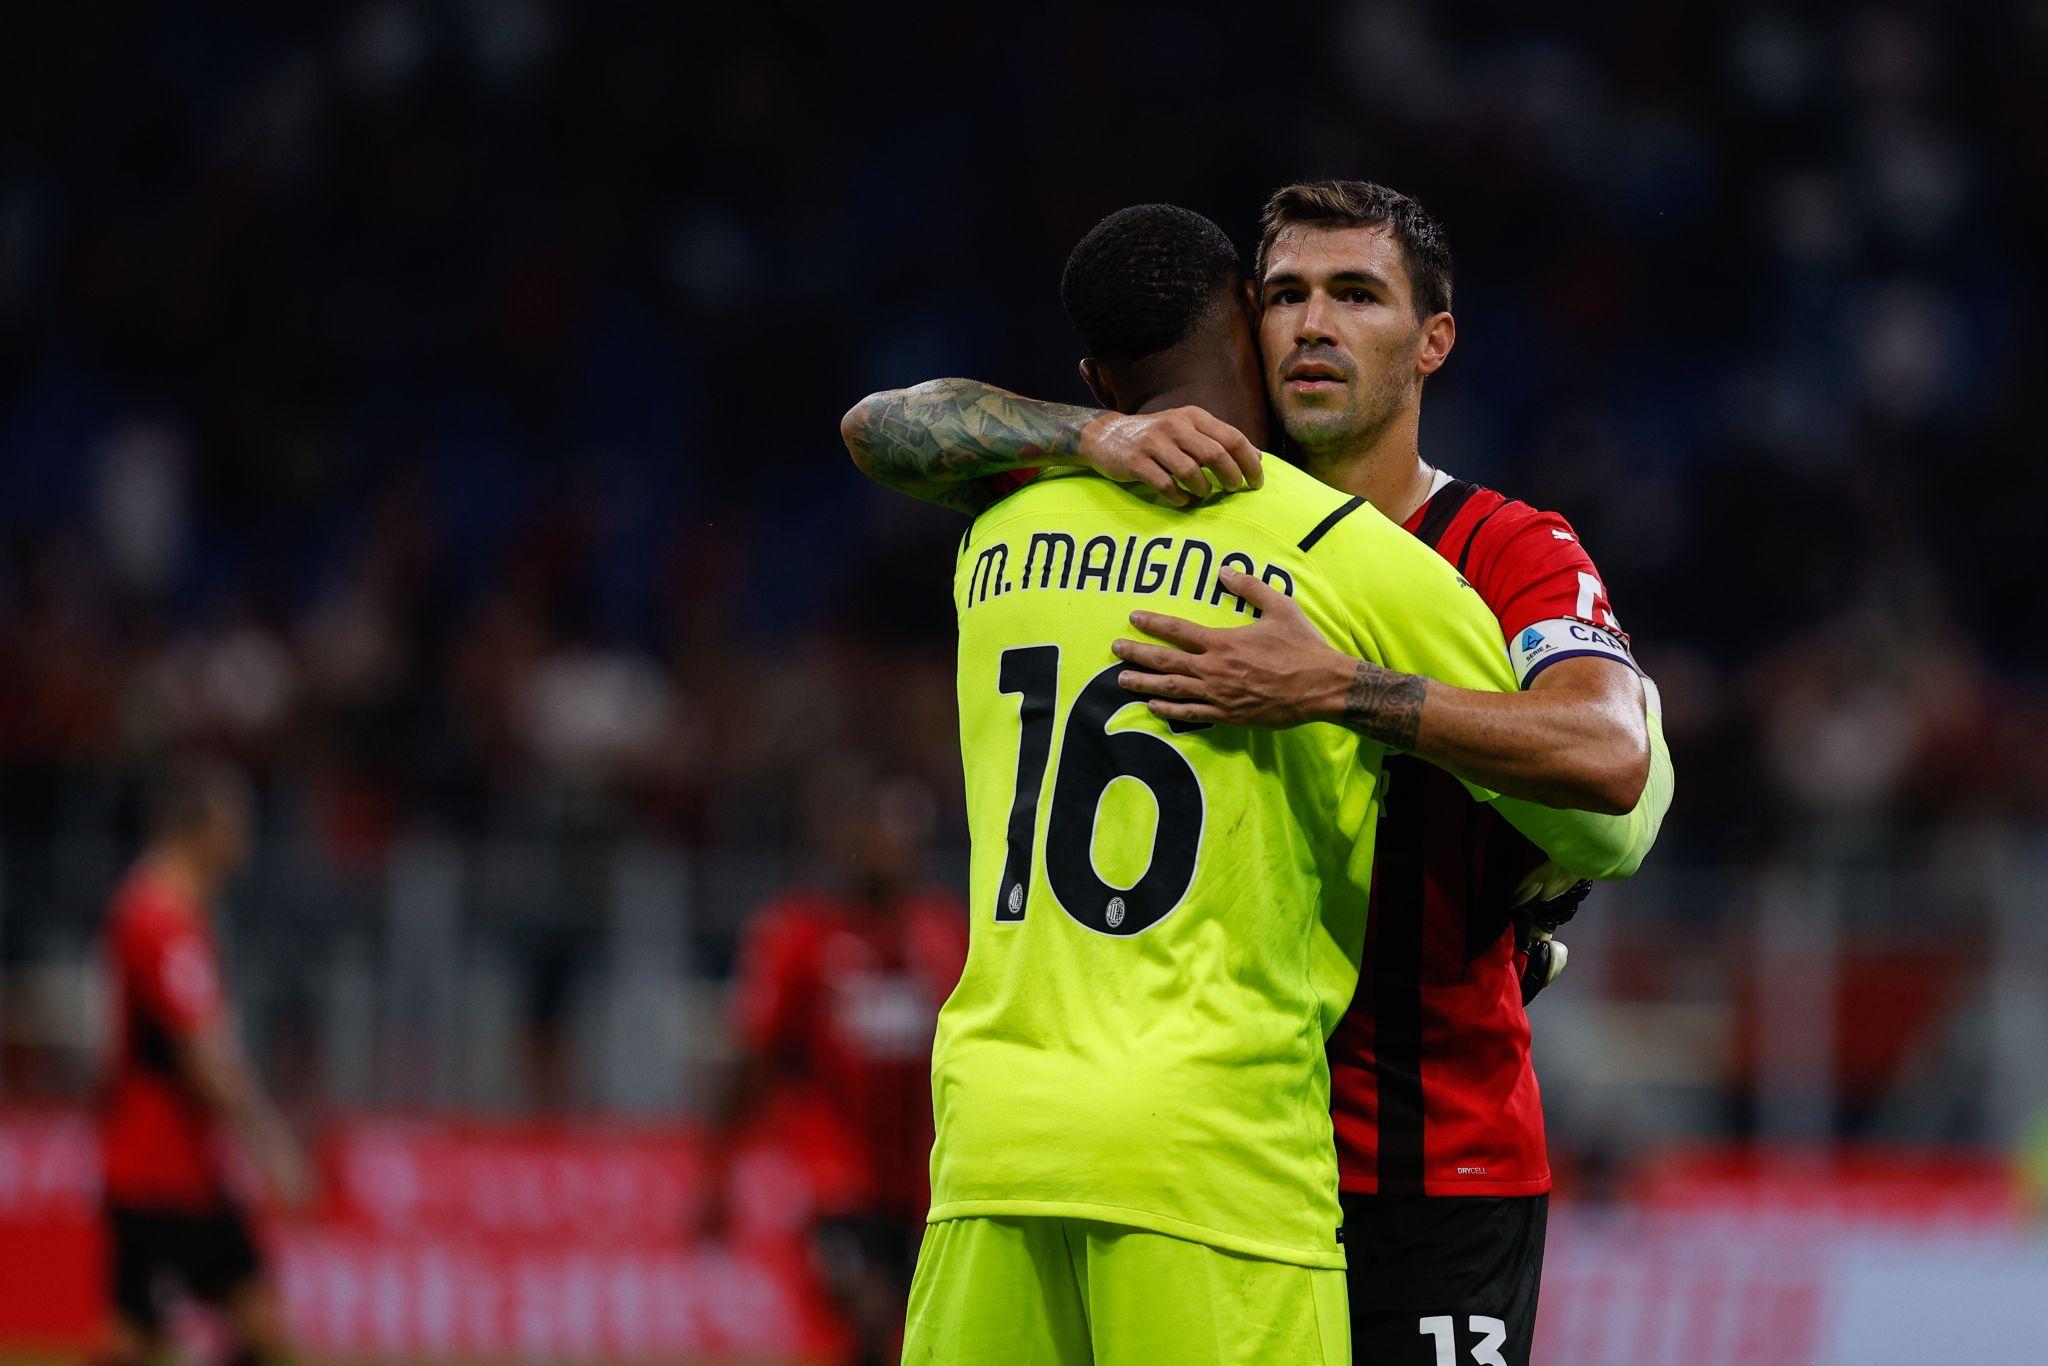 Milan: Alessio Romagnoli e Mike Maignan (Photo Credit: Agenzia Fotogramma)